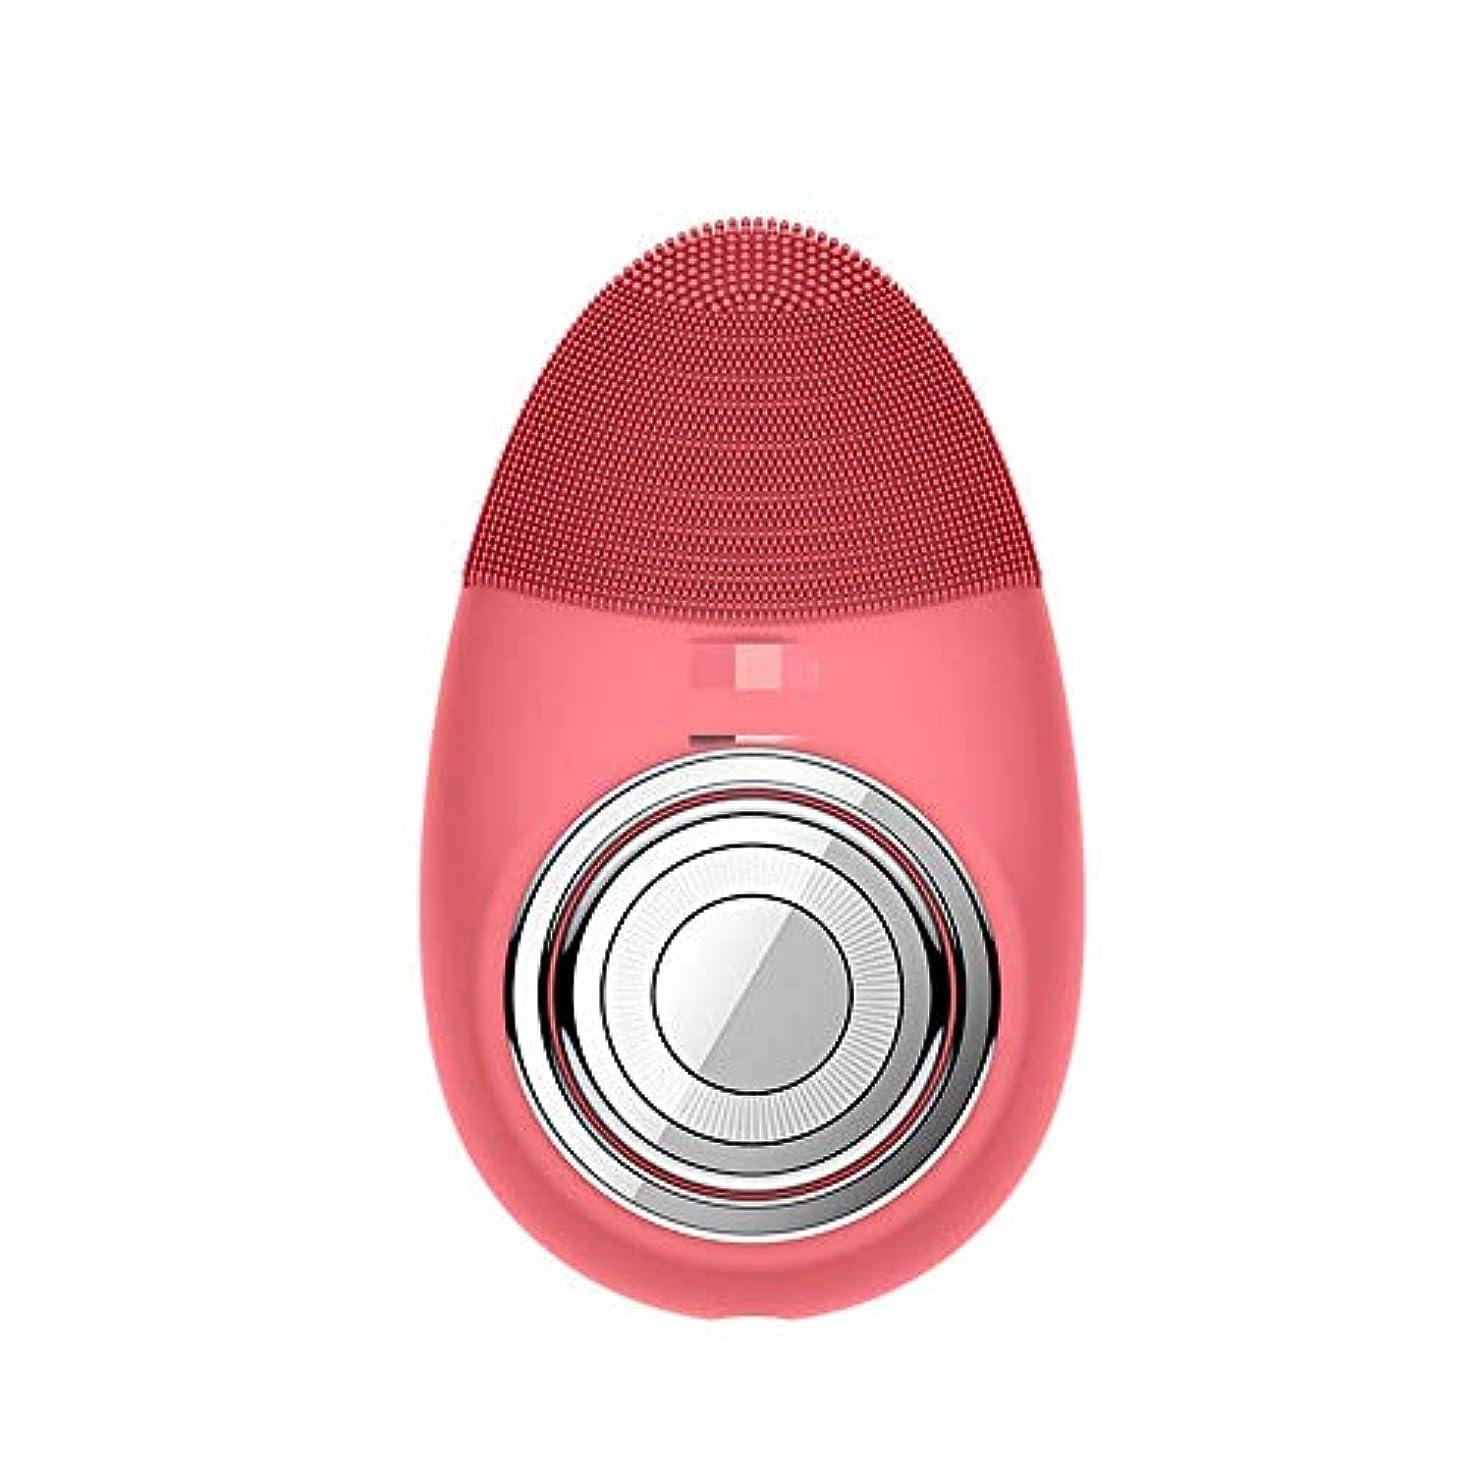 友だちナイロン噴水Donghechengkang 多機能電気恒温シリコーンクレンジング楽器赤灯肌清潔毛穴クリーナー輸入機器美容機器 (Color : Red)